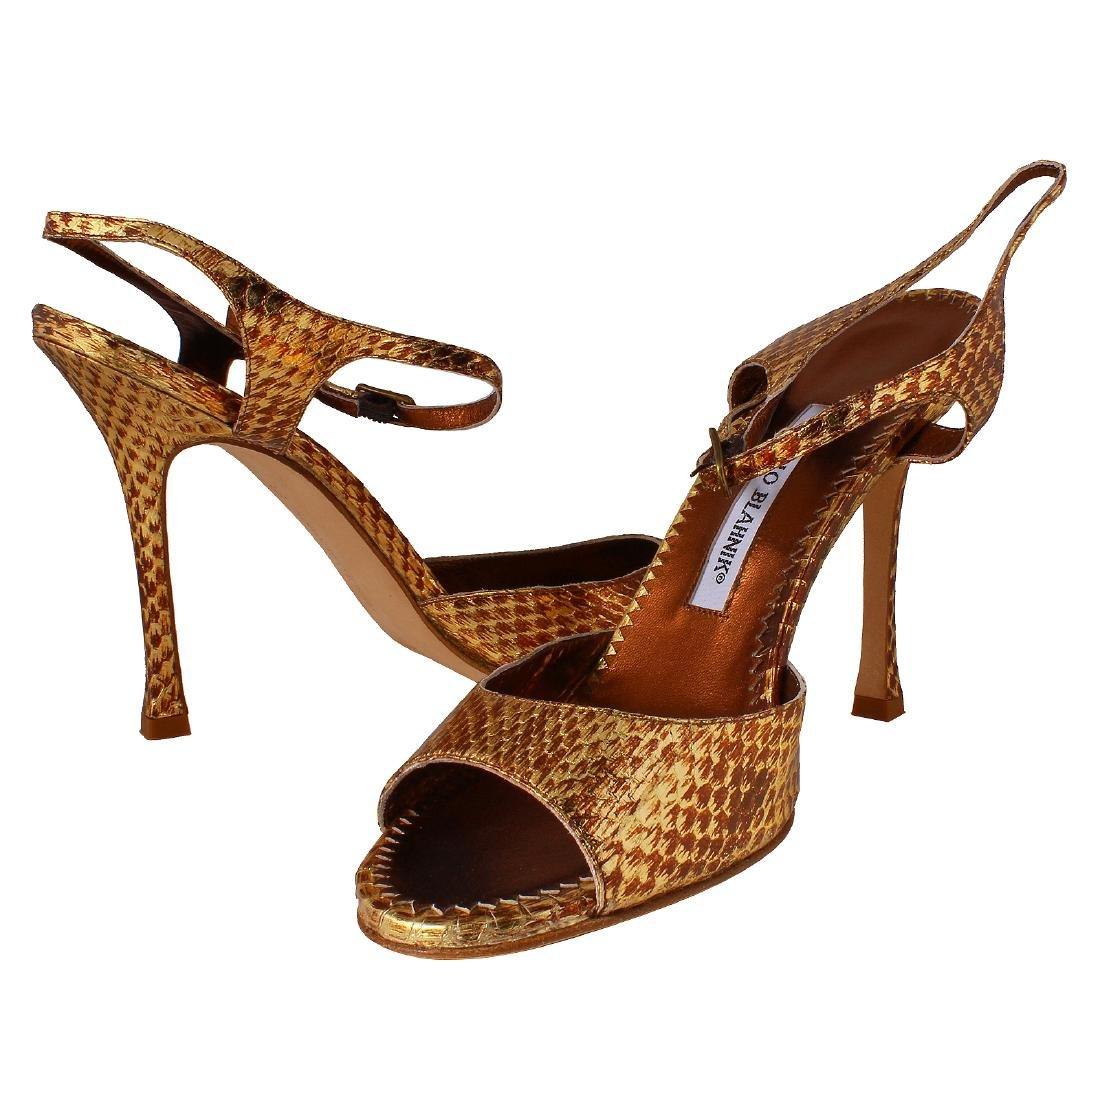 MANOLO BLAHNIK Shoes Snake Oro Gold Size 39 L596